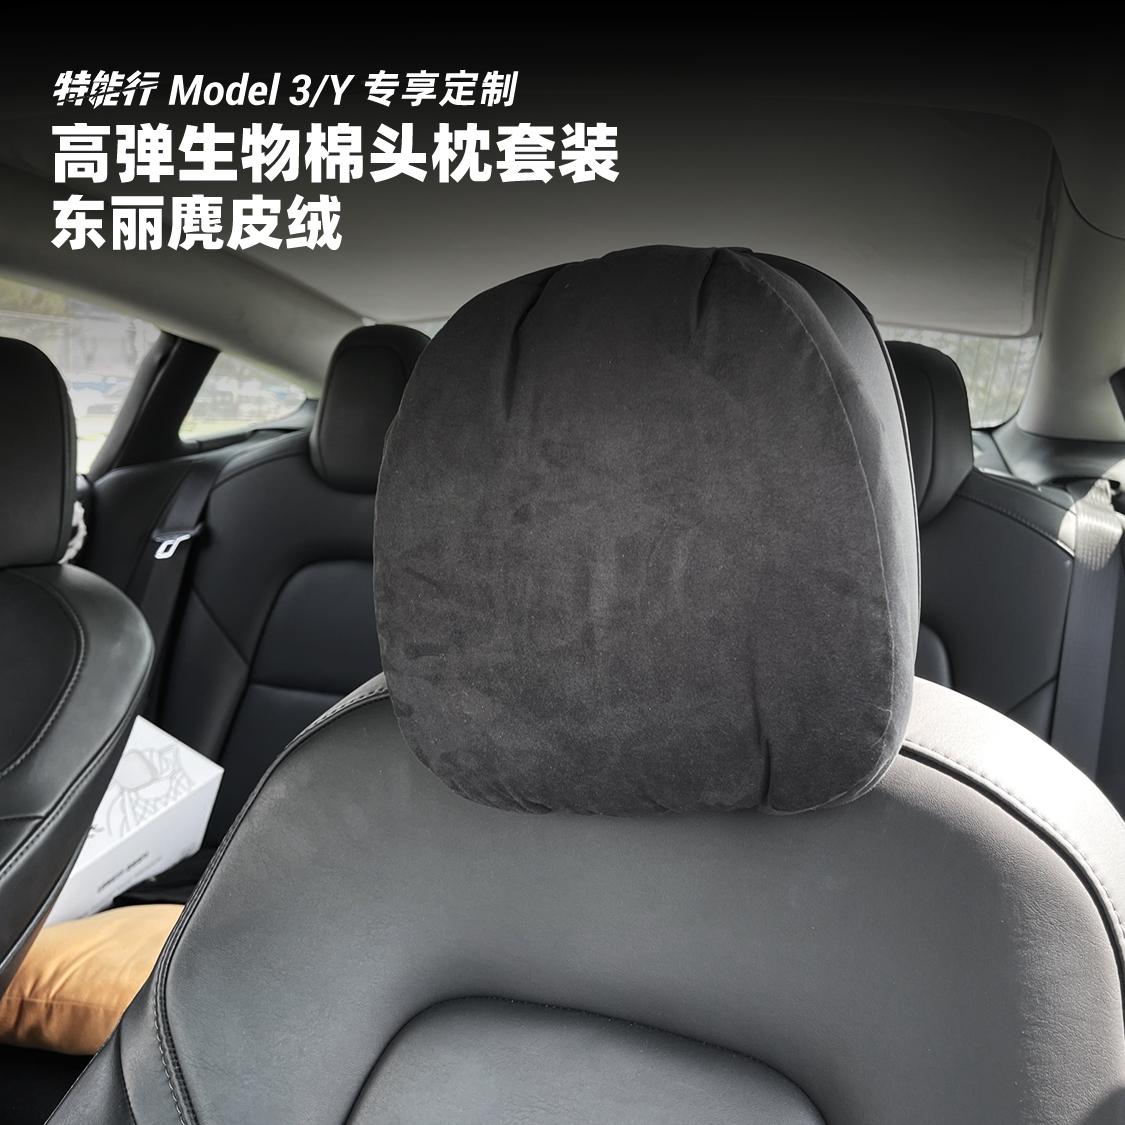 东丽麂皮绒高弹生物棉头枕专为Model 3/Y定制